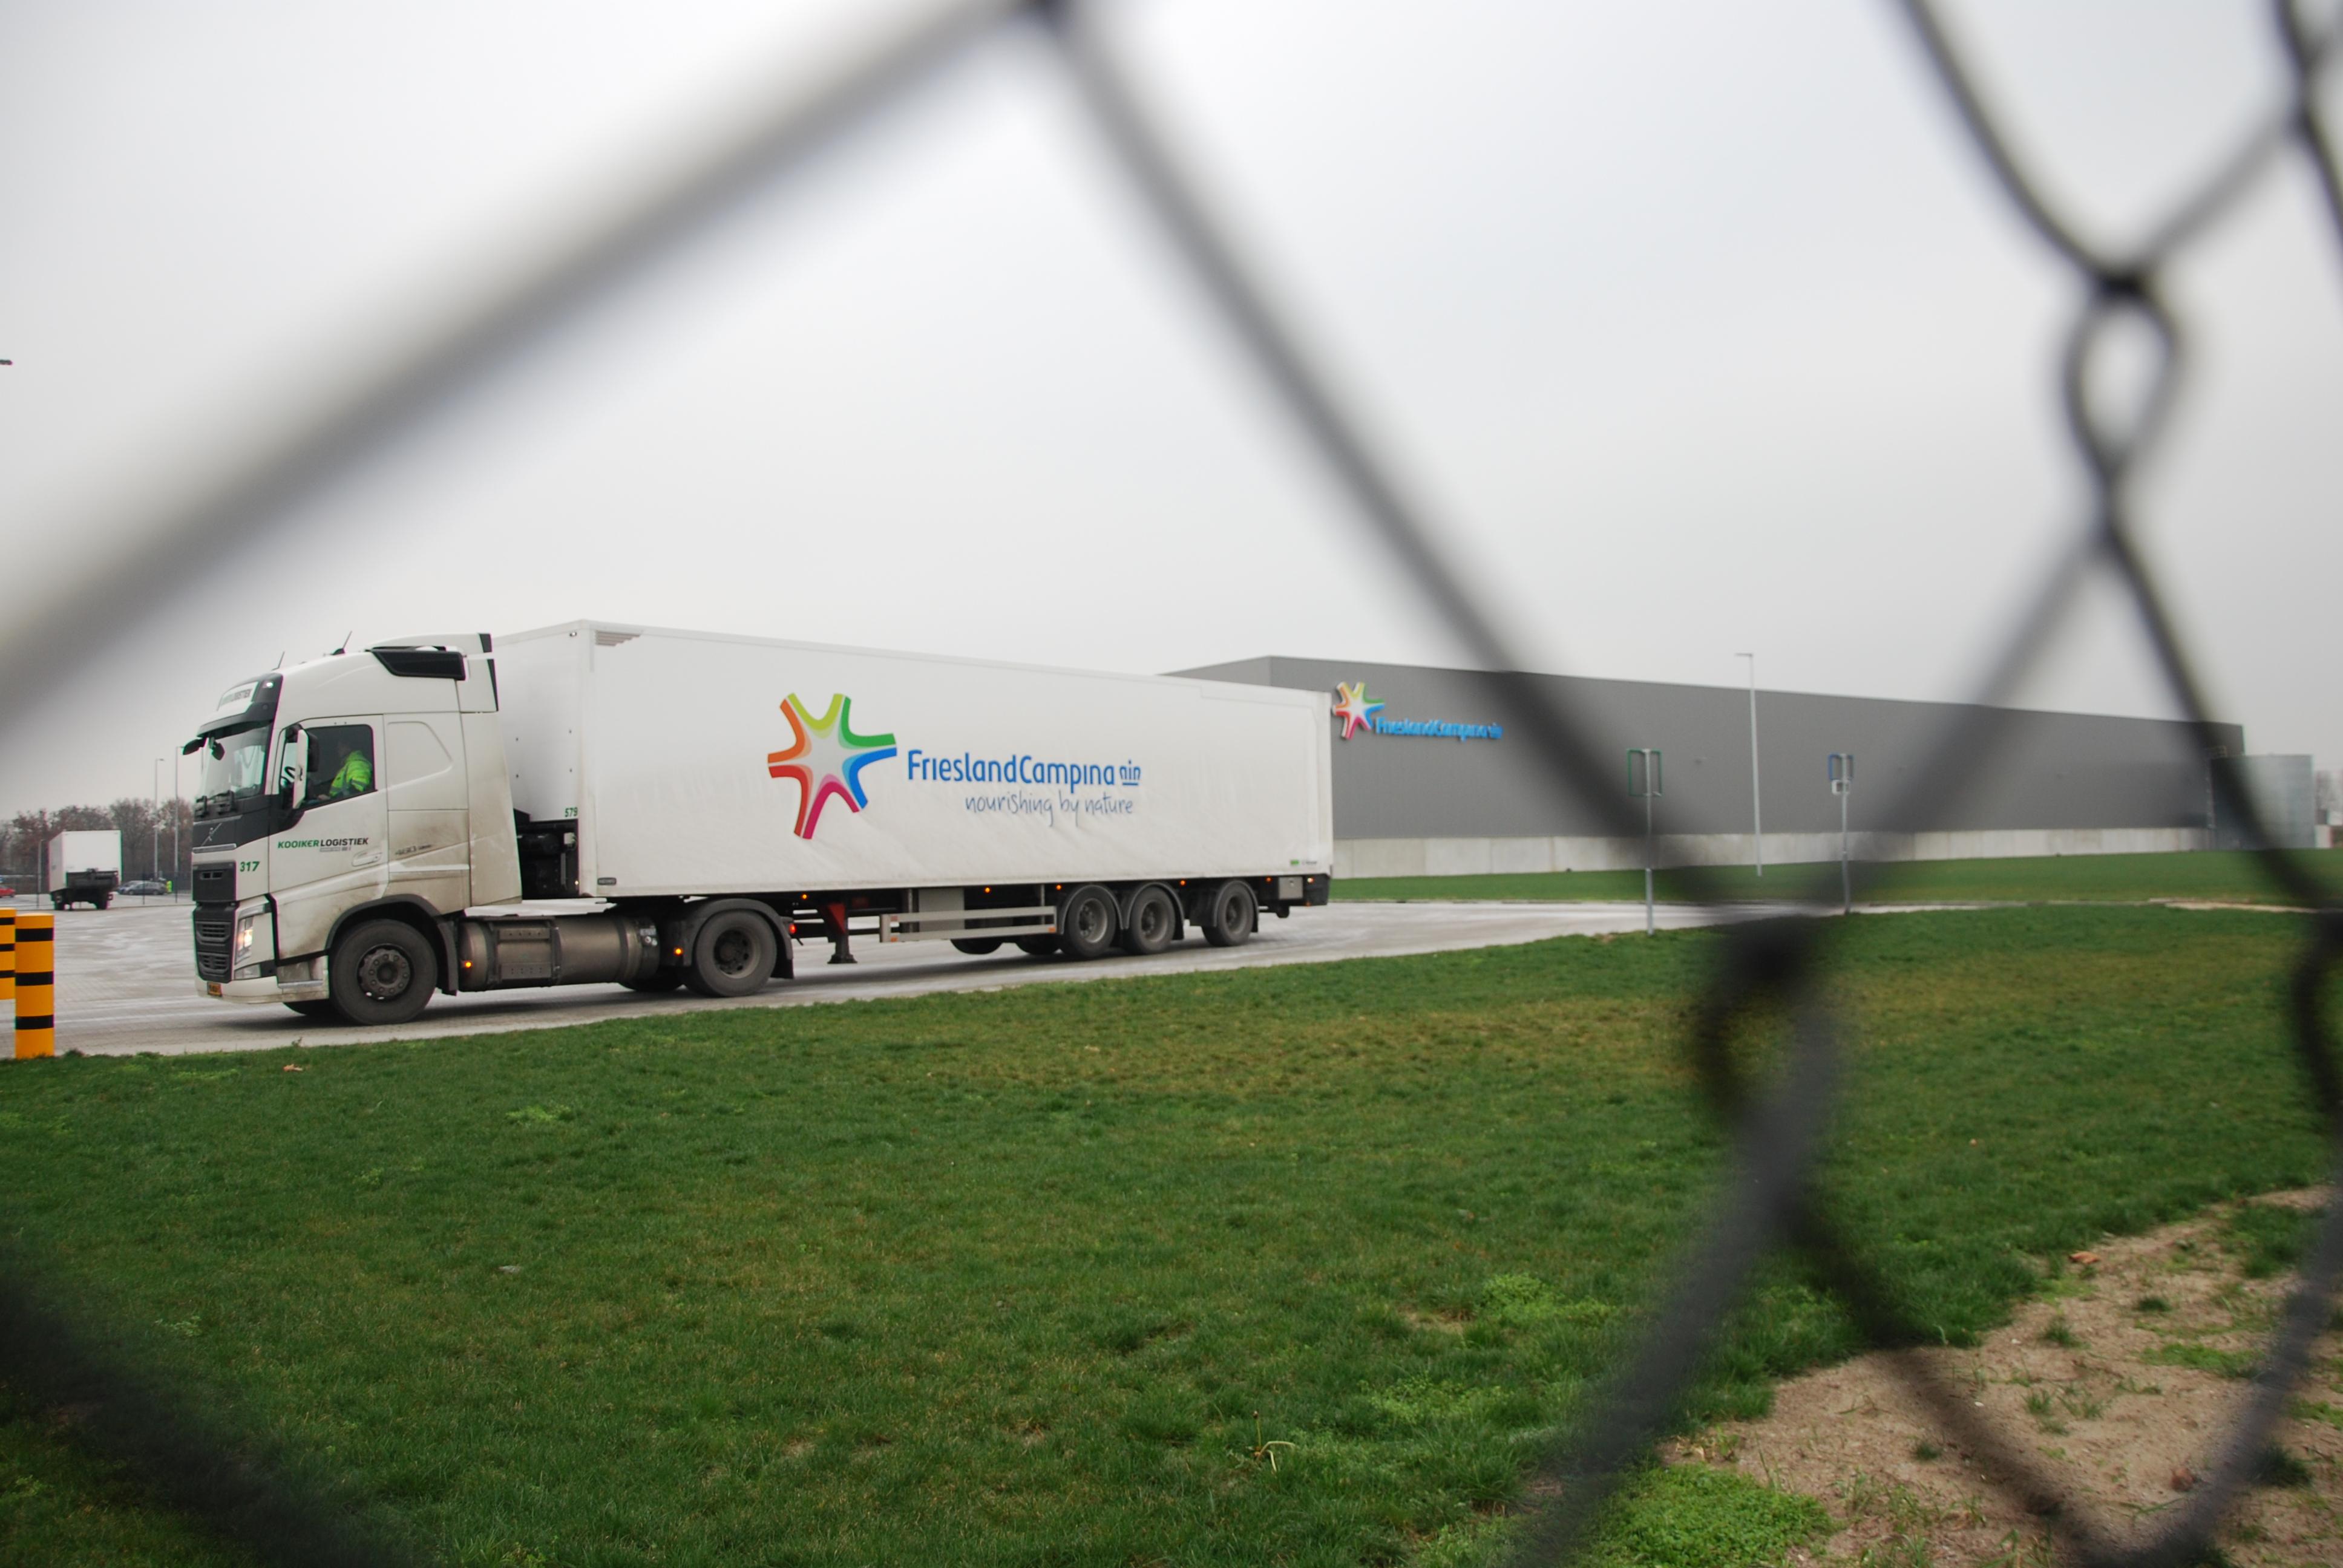 1633926b7e6 FrieslandCampina opent export dc in Meppel - Logistiek